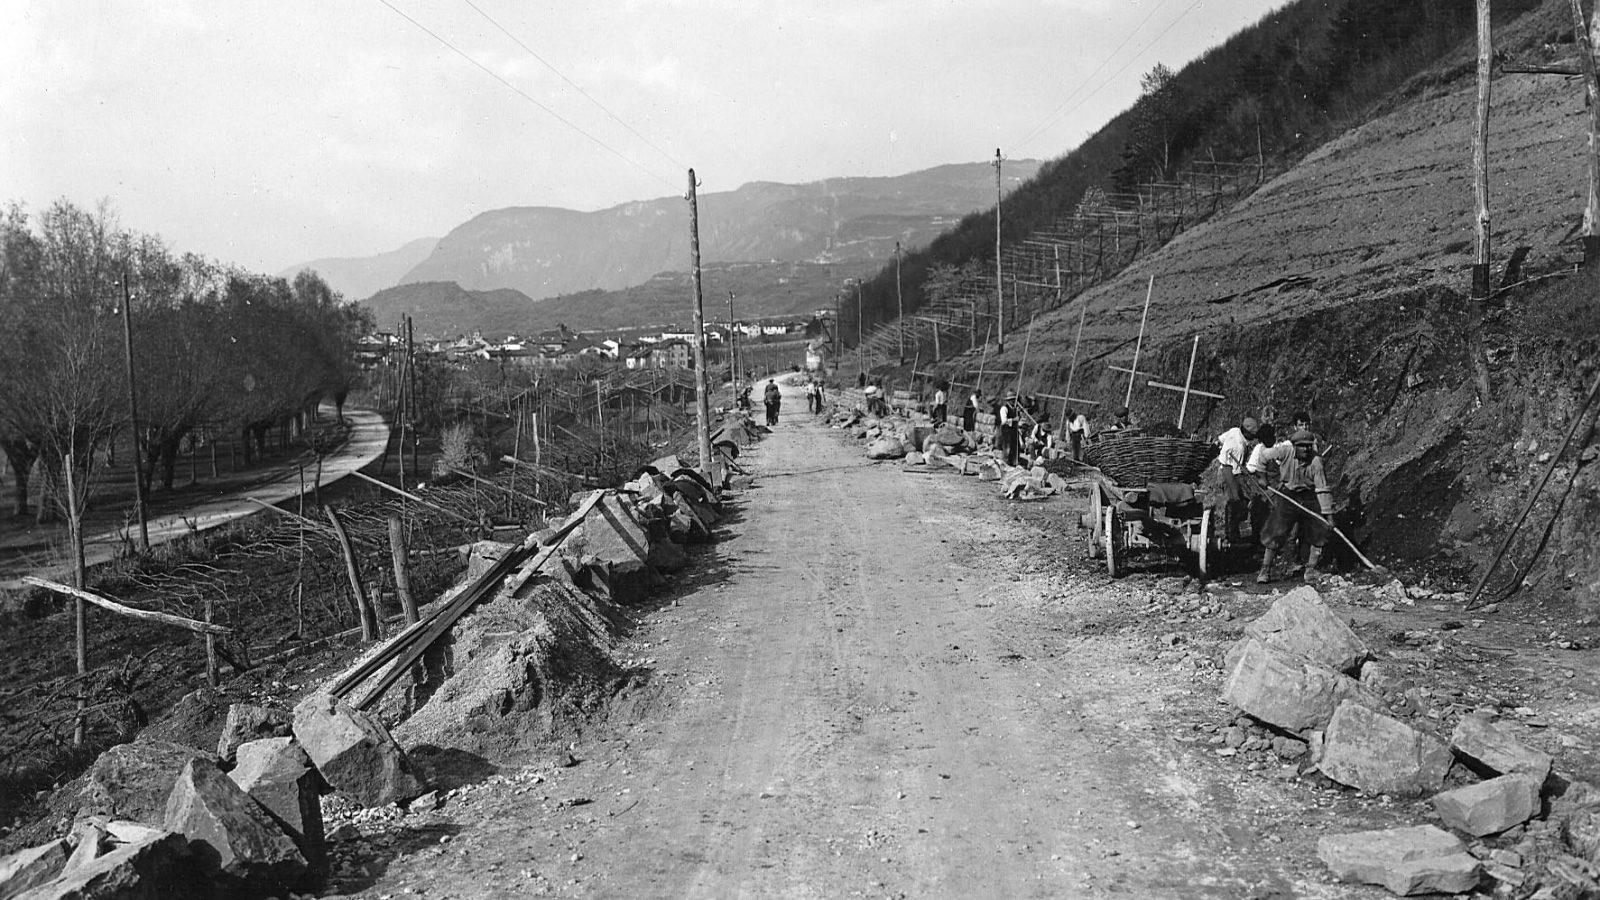 """Strada statale 12 """"dell'Abetone e del Brennero"""", allargamento della sede stradale all'uscita di Egna (BZ), 1930 (Archivio storico Anas)"""